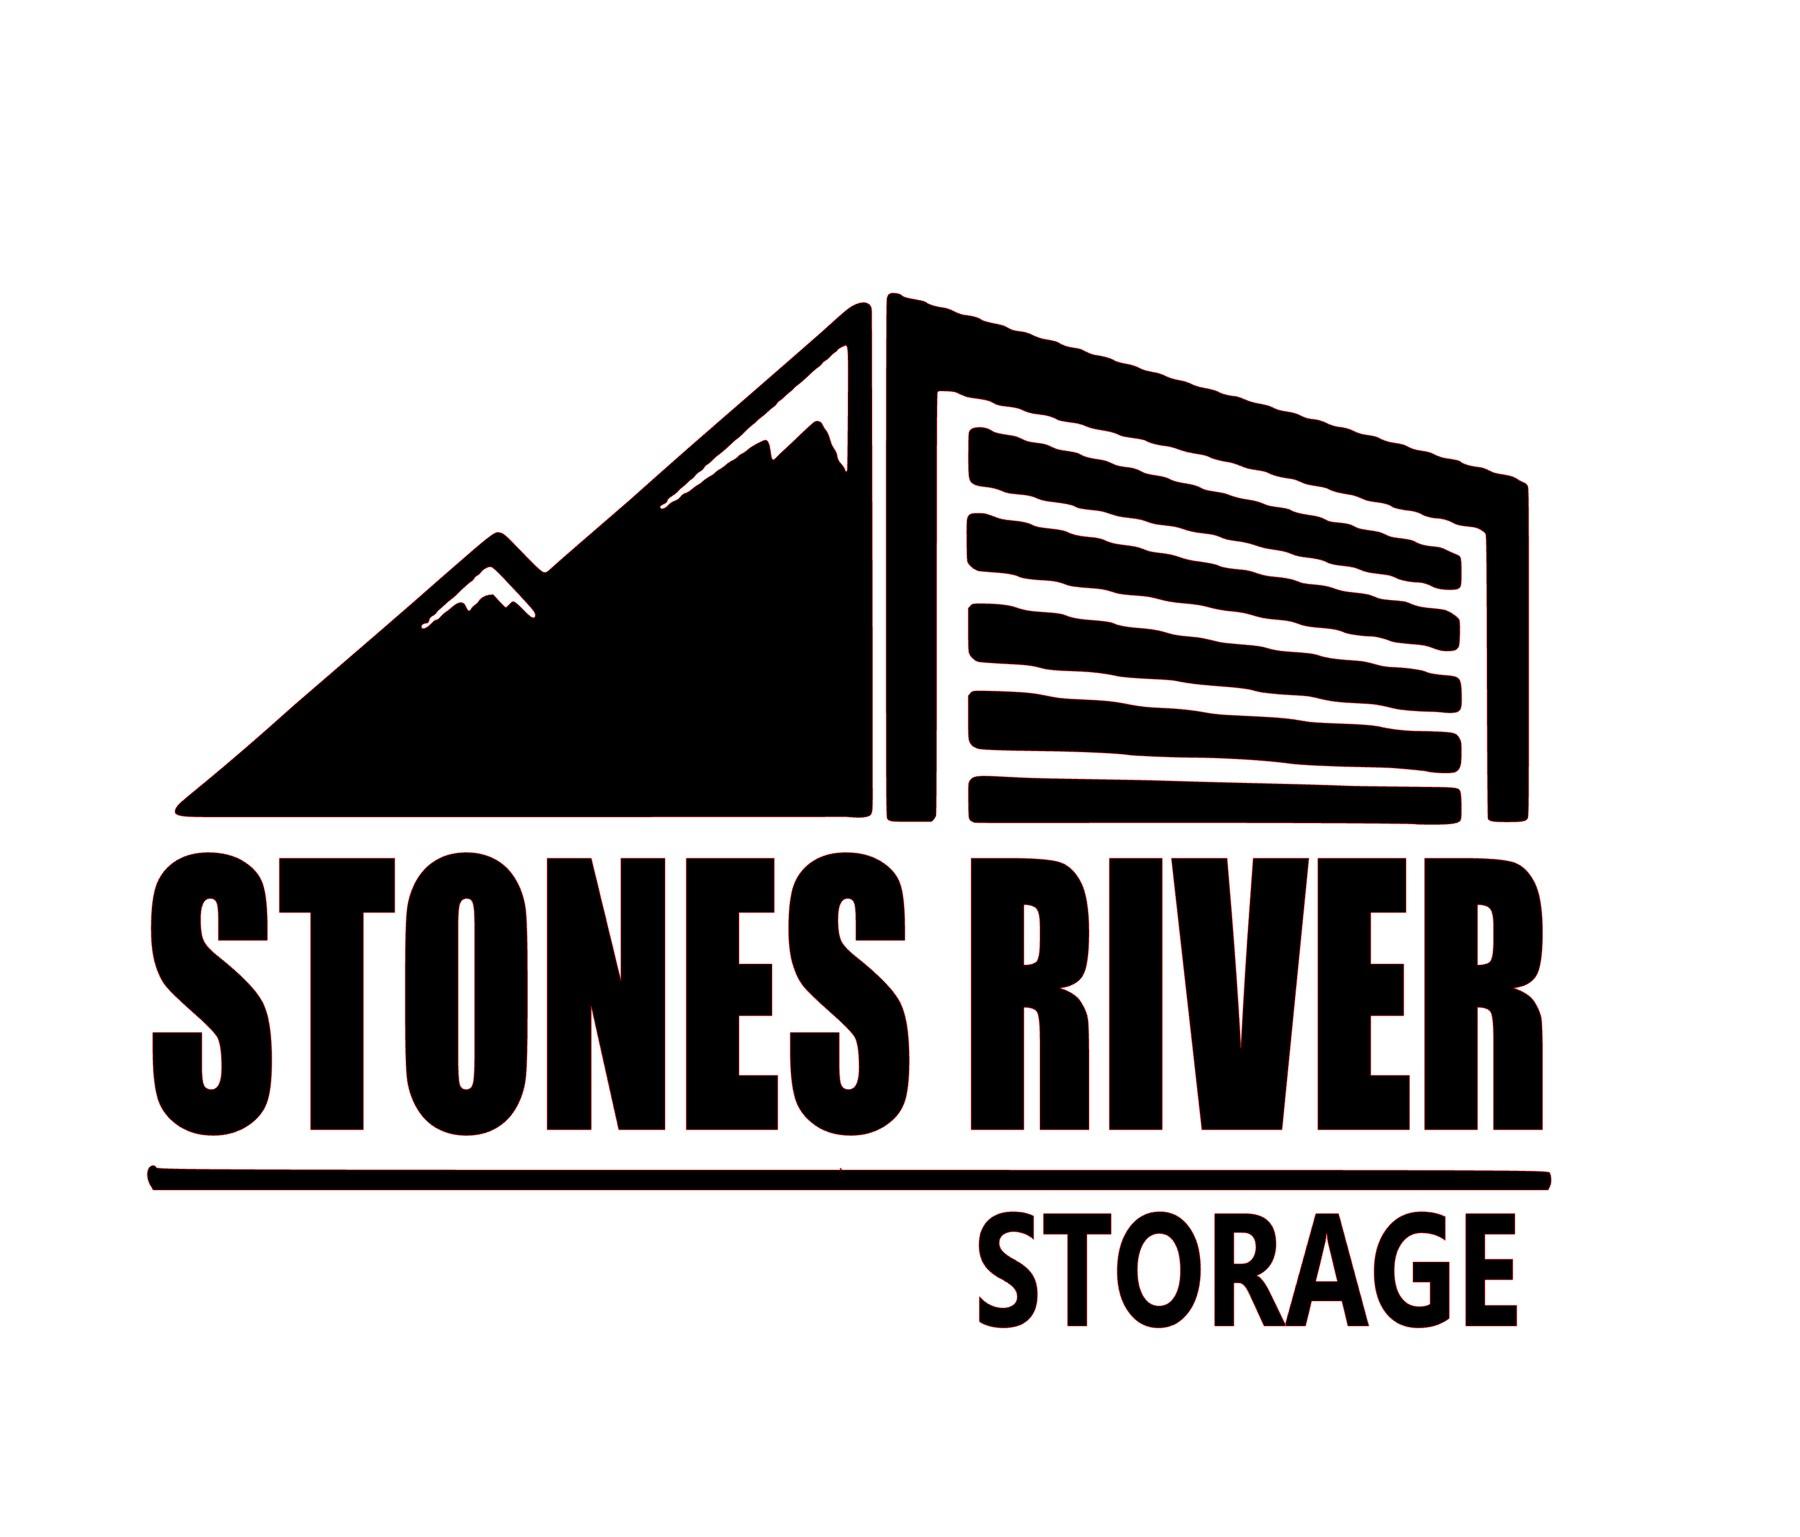 Stones River Storage